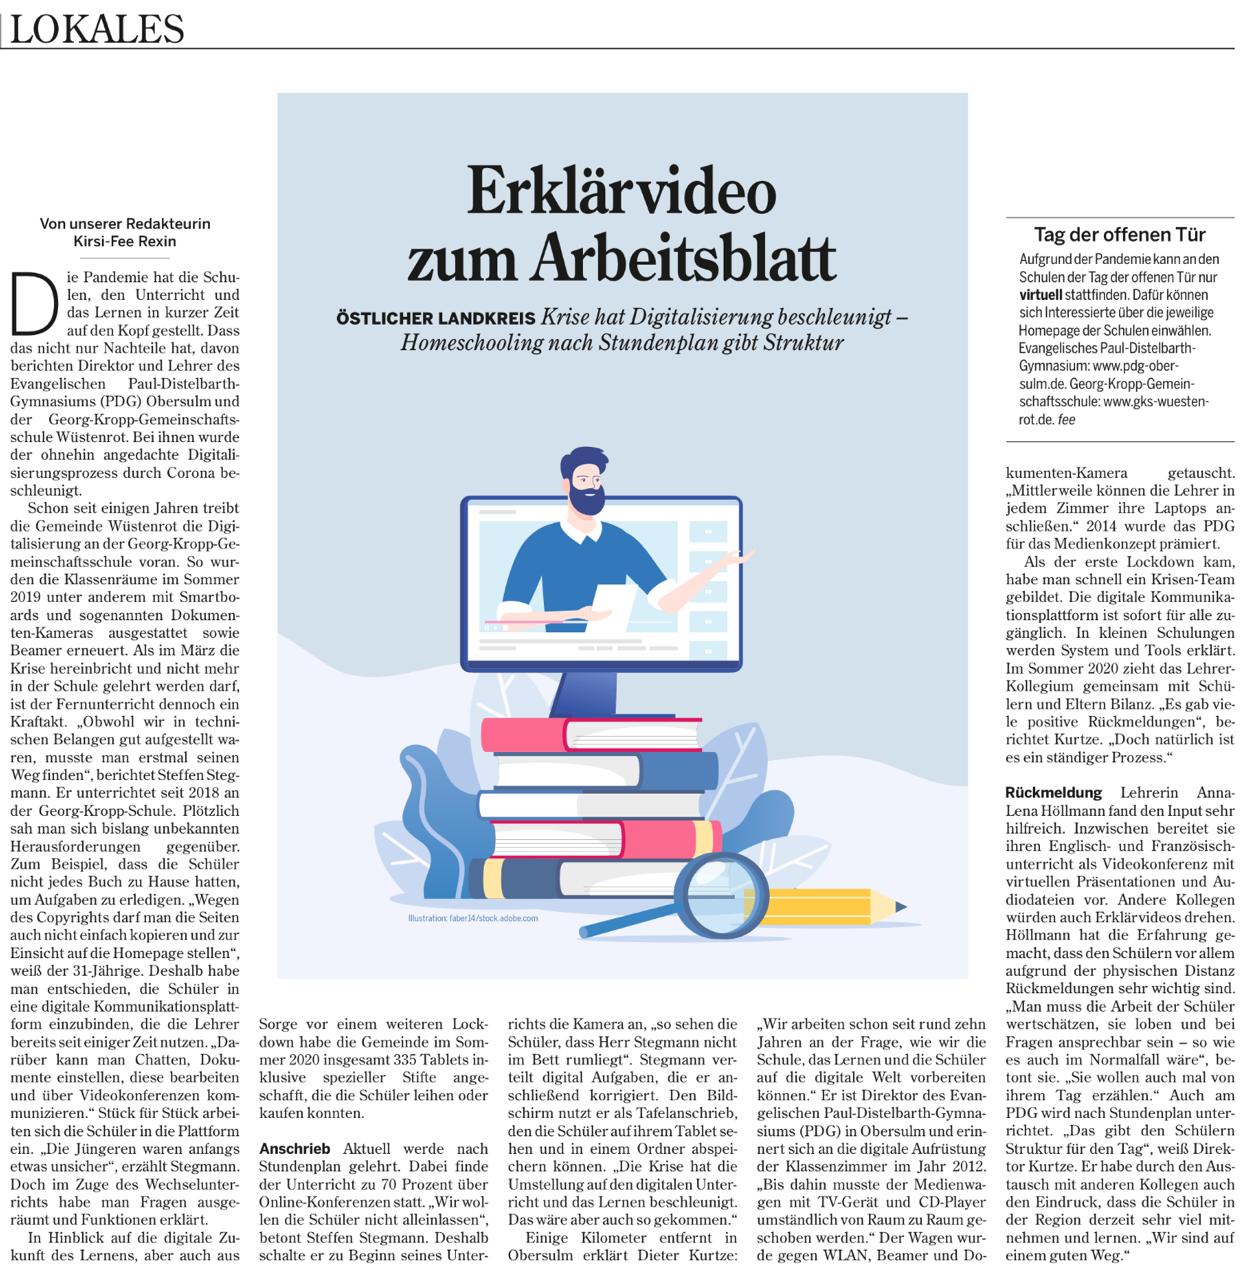 Schule und Digitalisierung auf einem guten Weg-2021